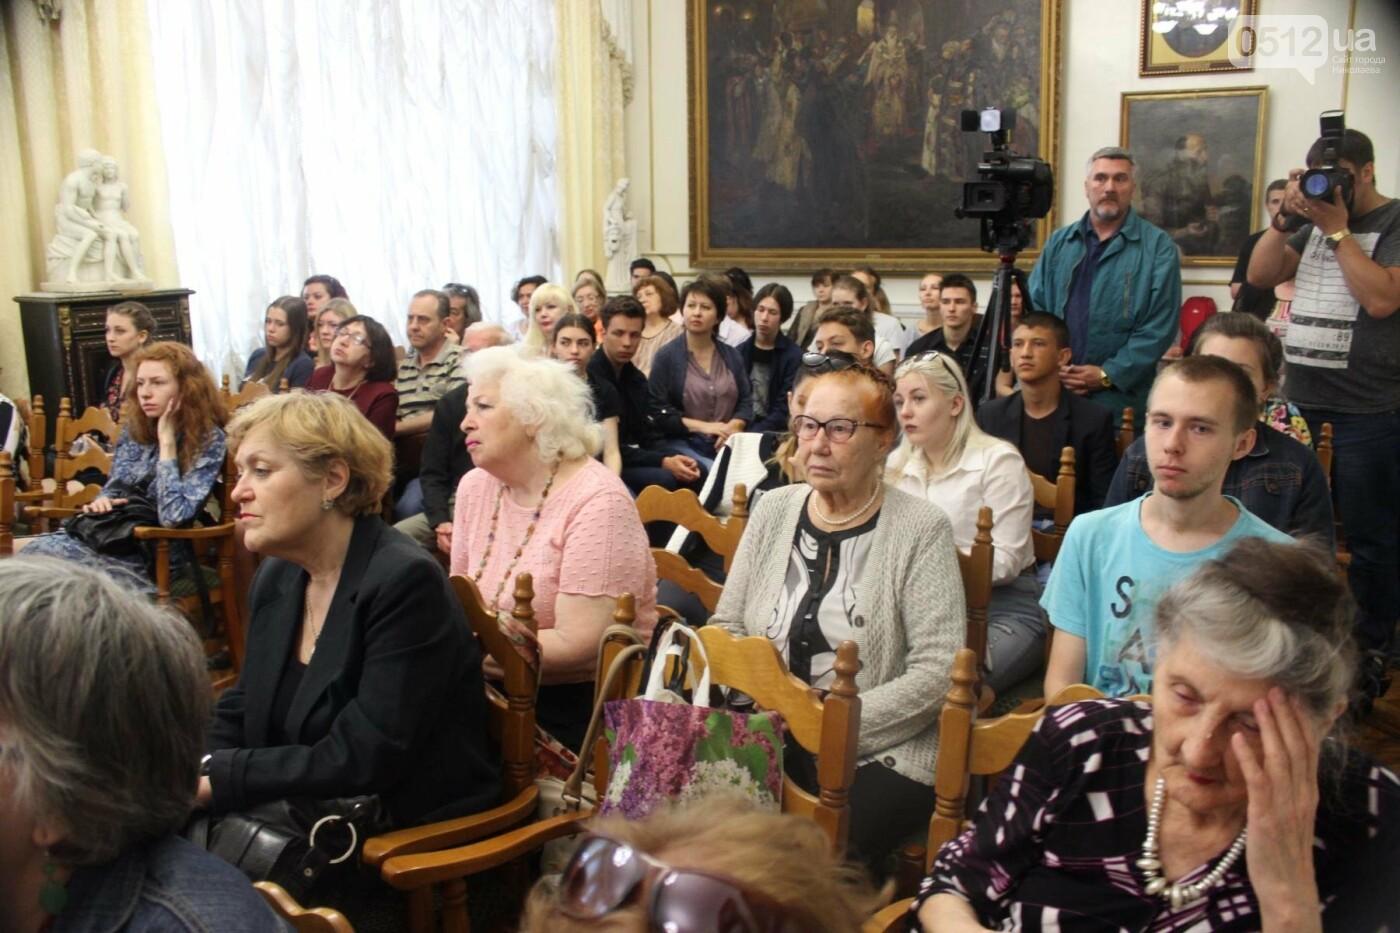 В Николаеве презентовали работы израильских художников к 175-ти летию Верещагина, - ФОТО, фото-3